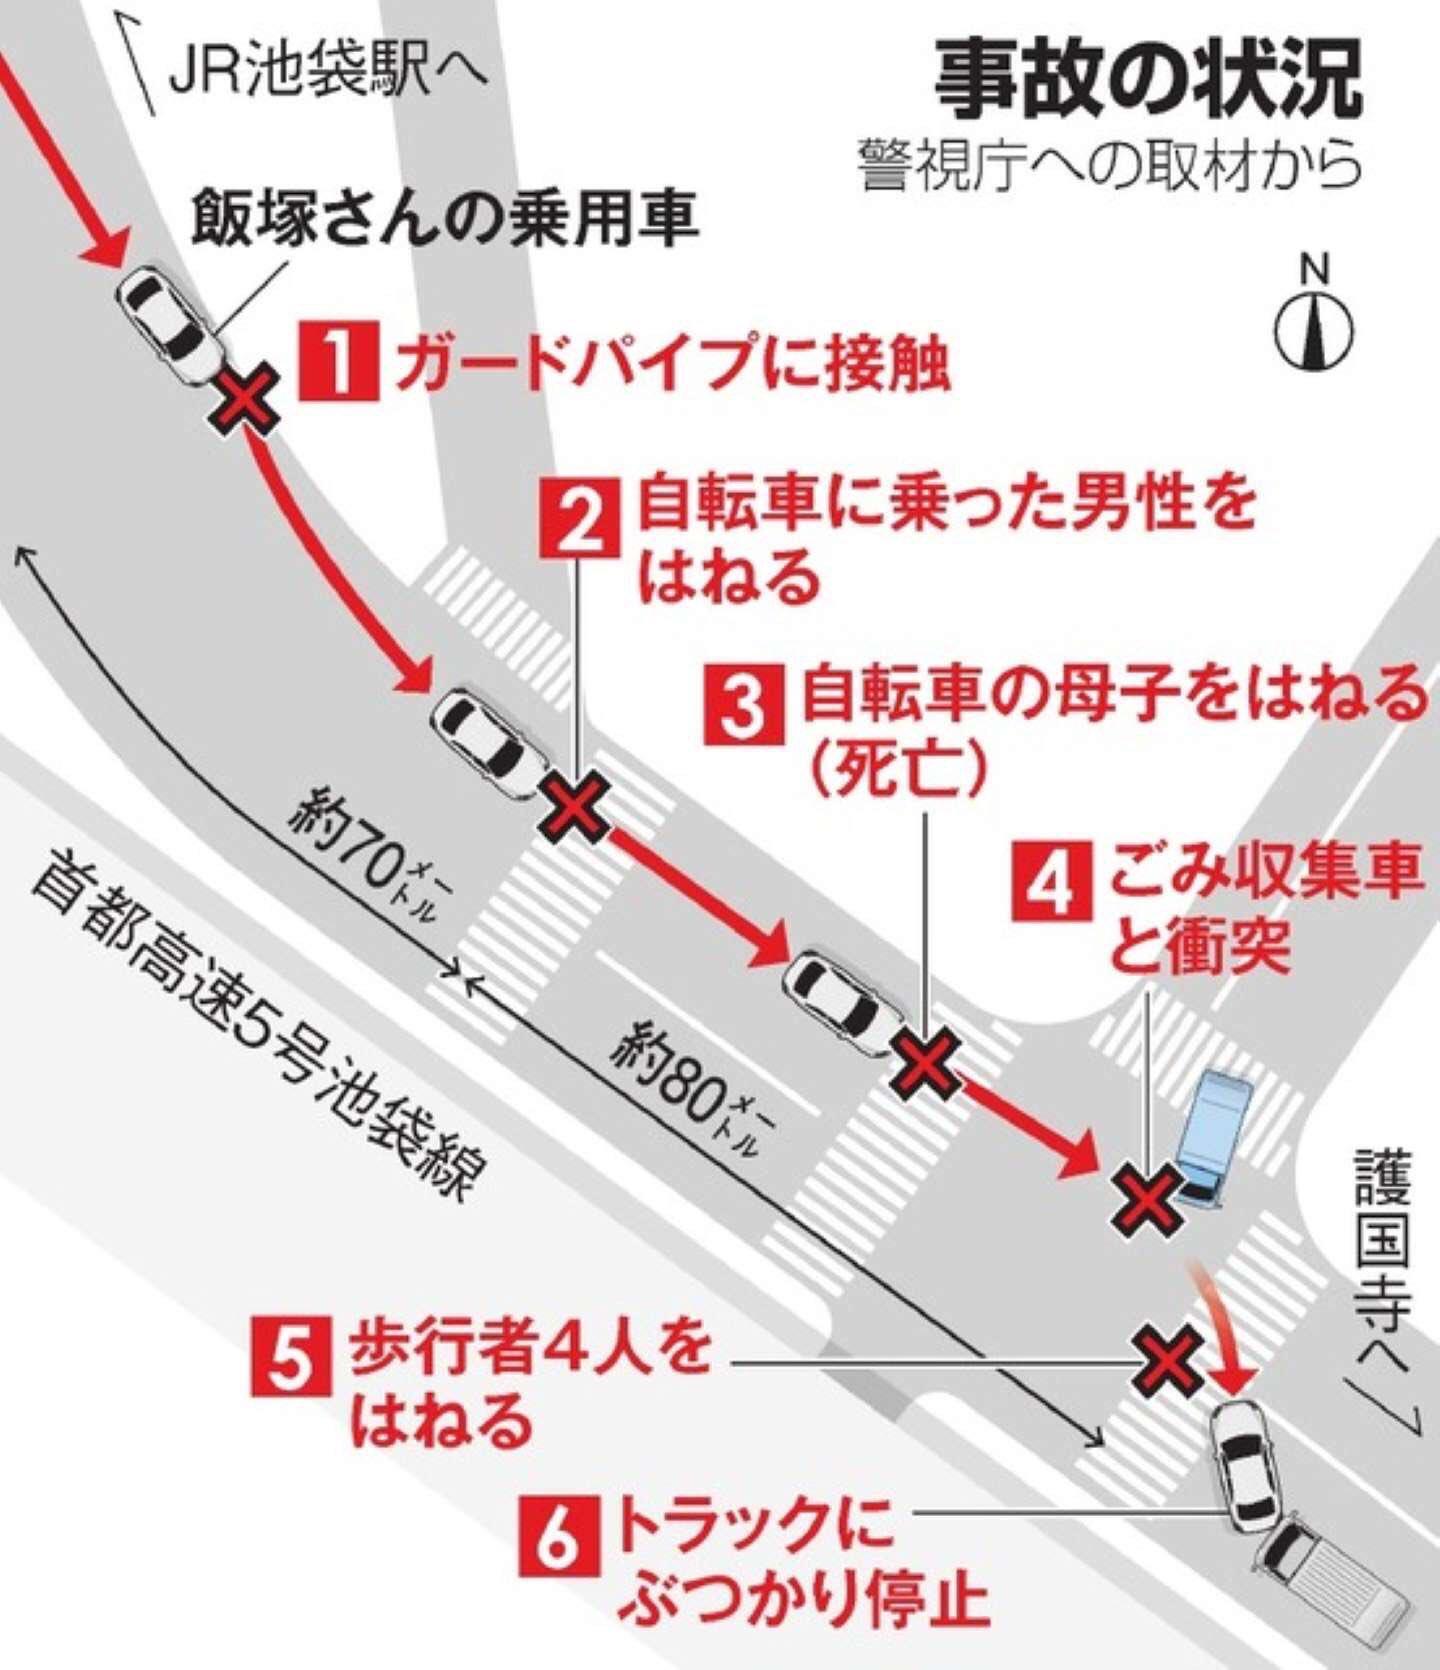 【悲報】飯塚幸三「壊れていたのはプリウスではなく、私の頭でした」